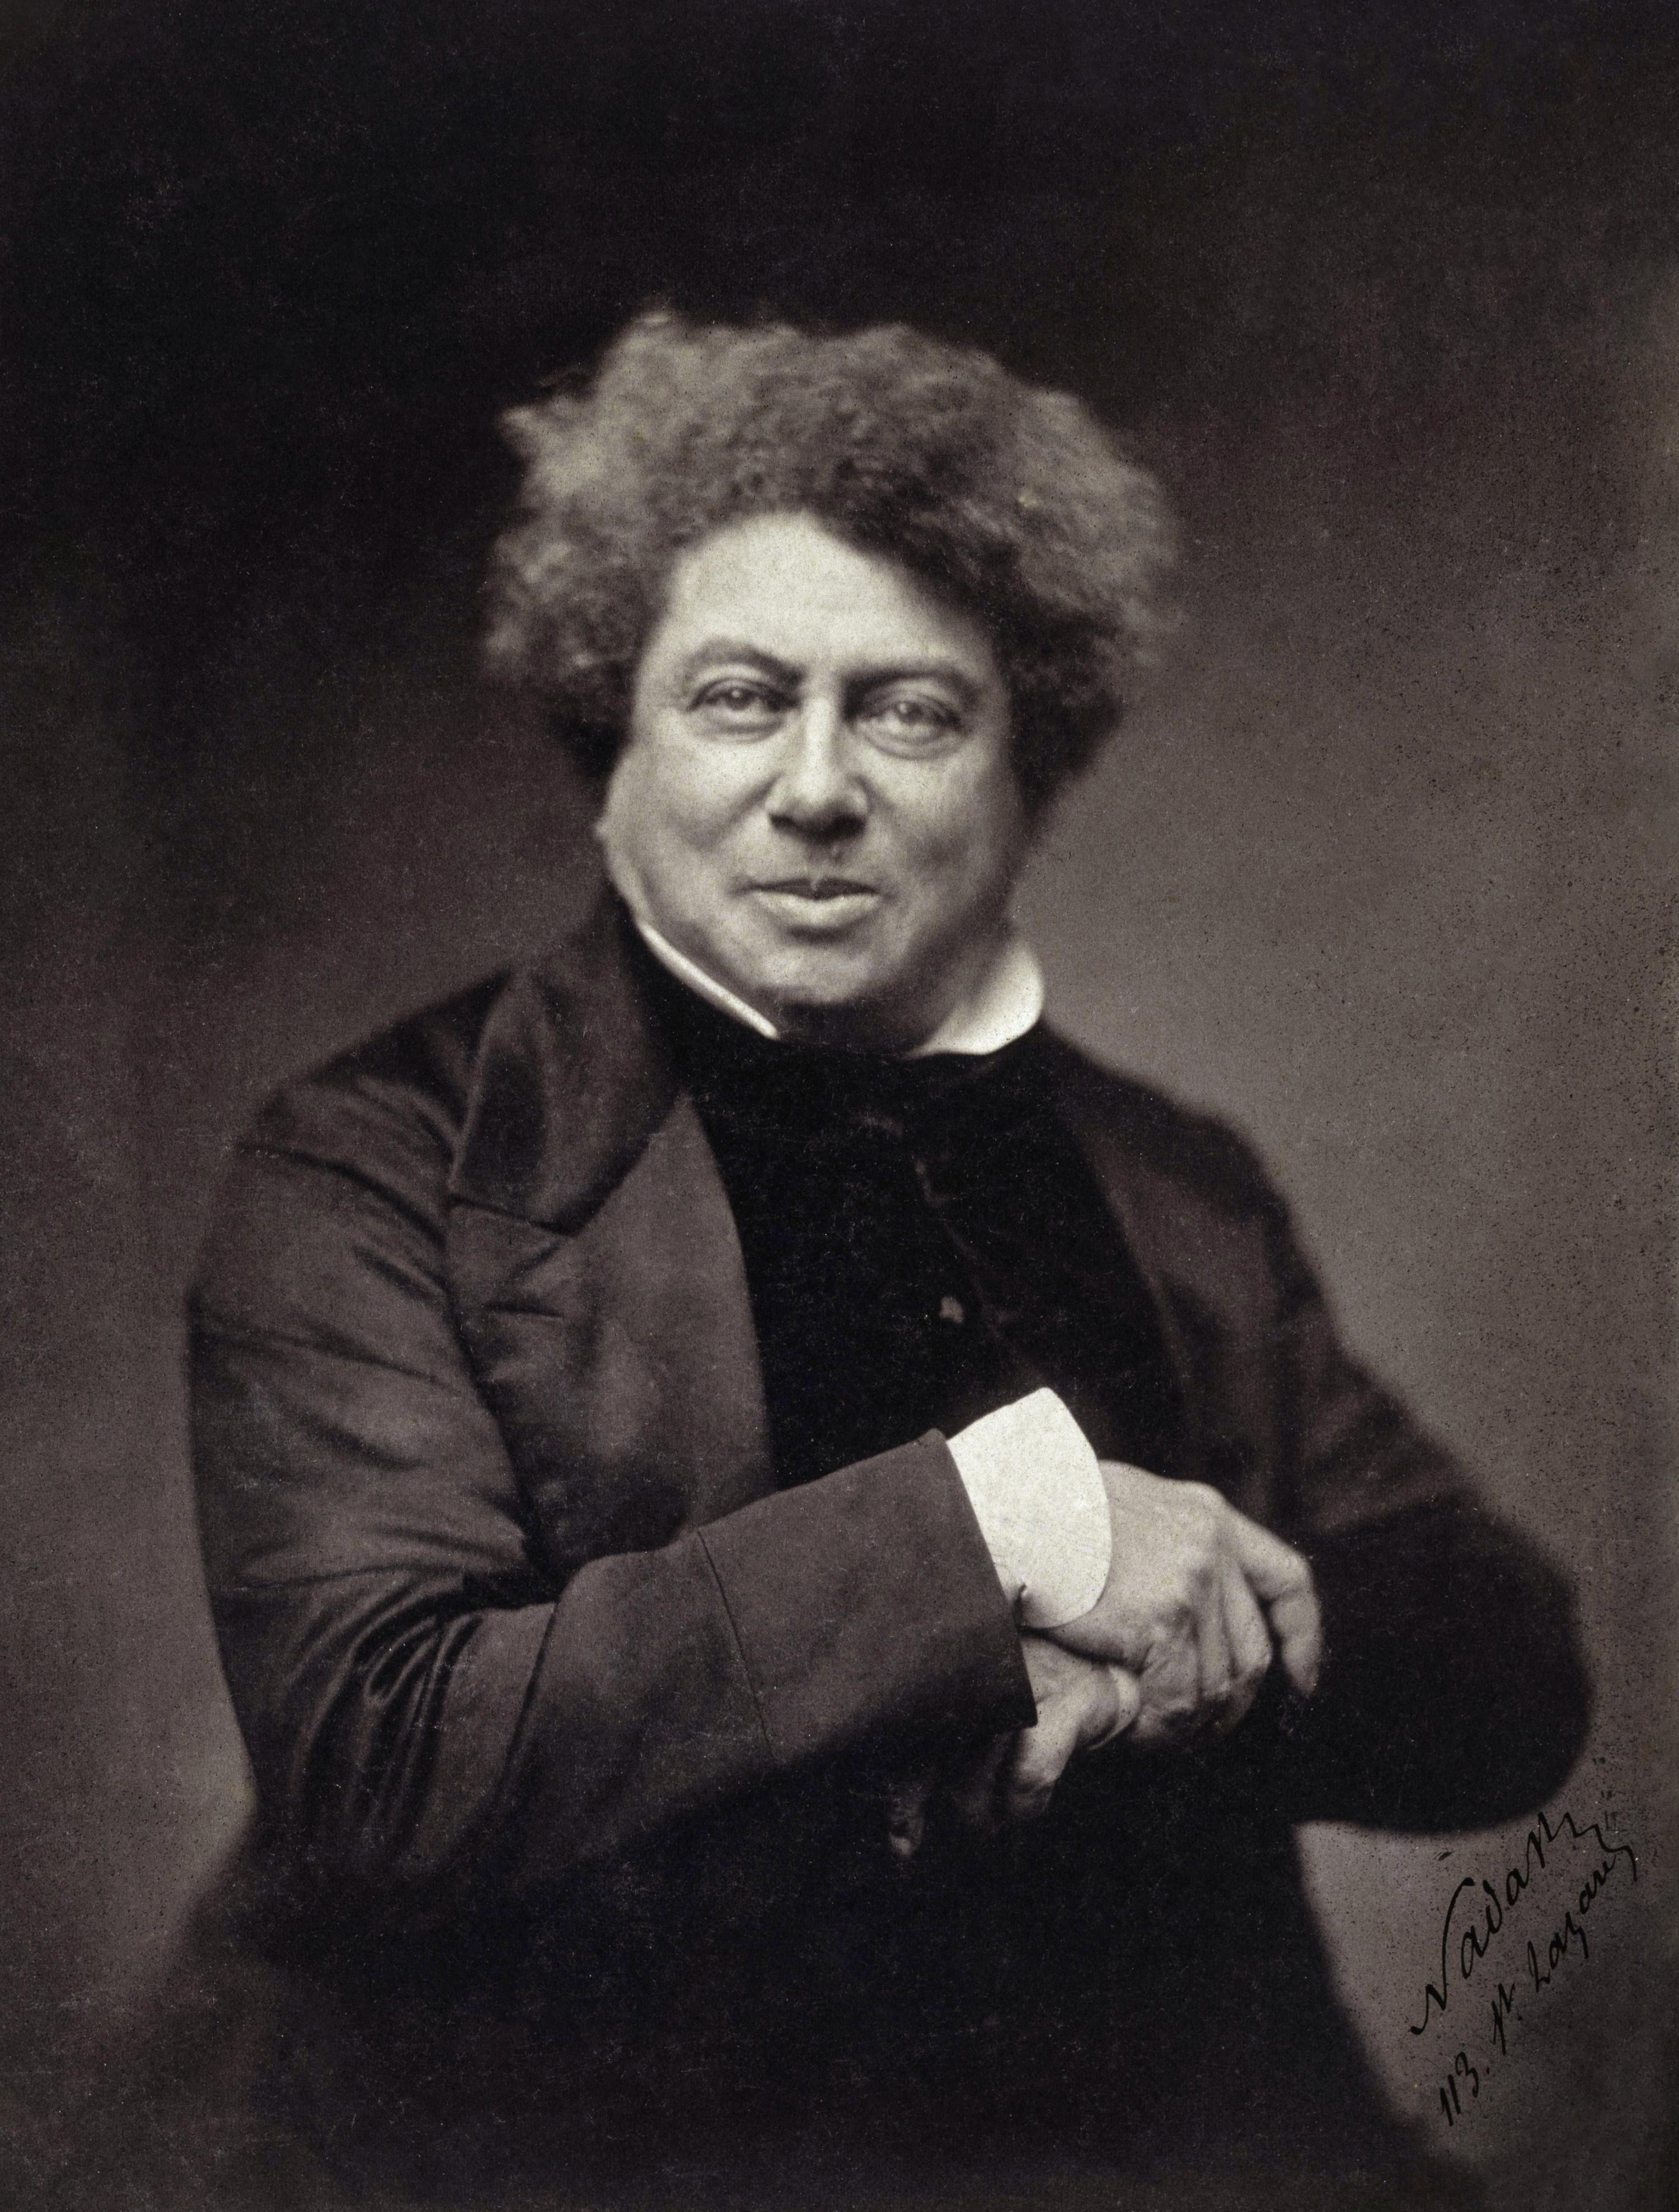 Alexandre Dumas é responsável por alguns dos maiores clássicos da literatura mundial (Foto: Wikimedia/Google Cultural Institute)